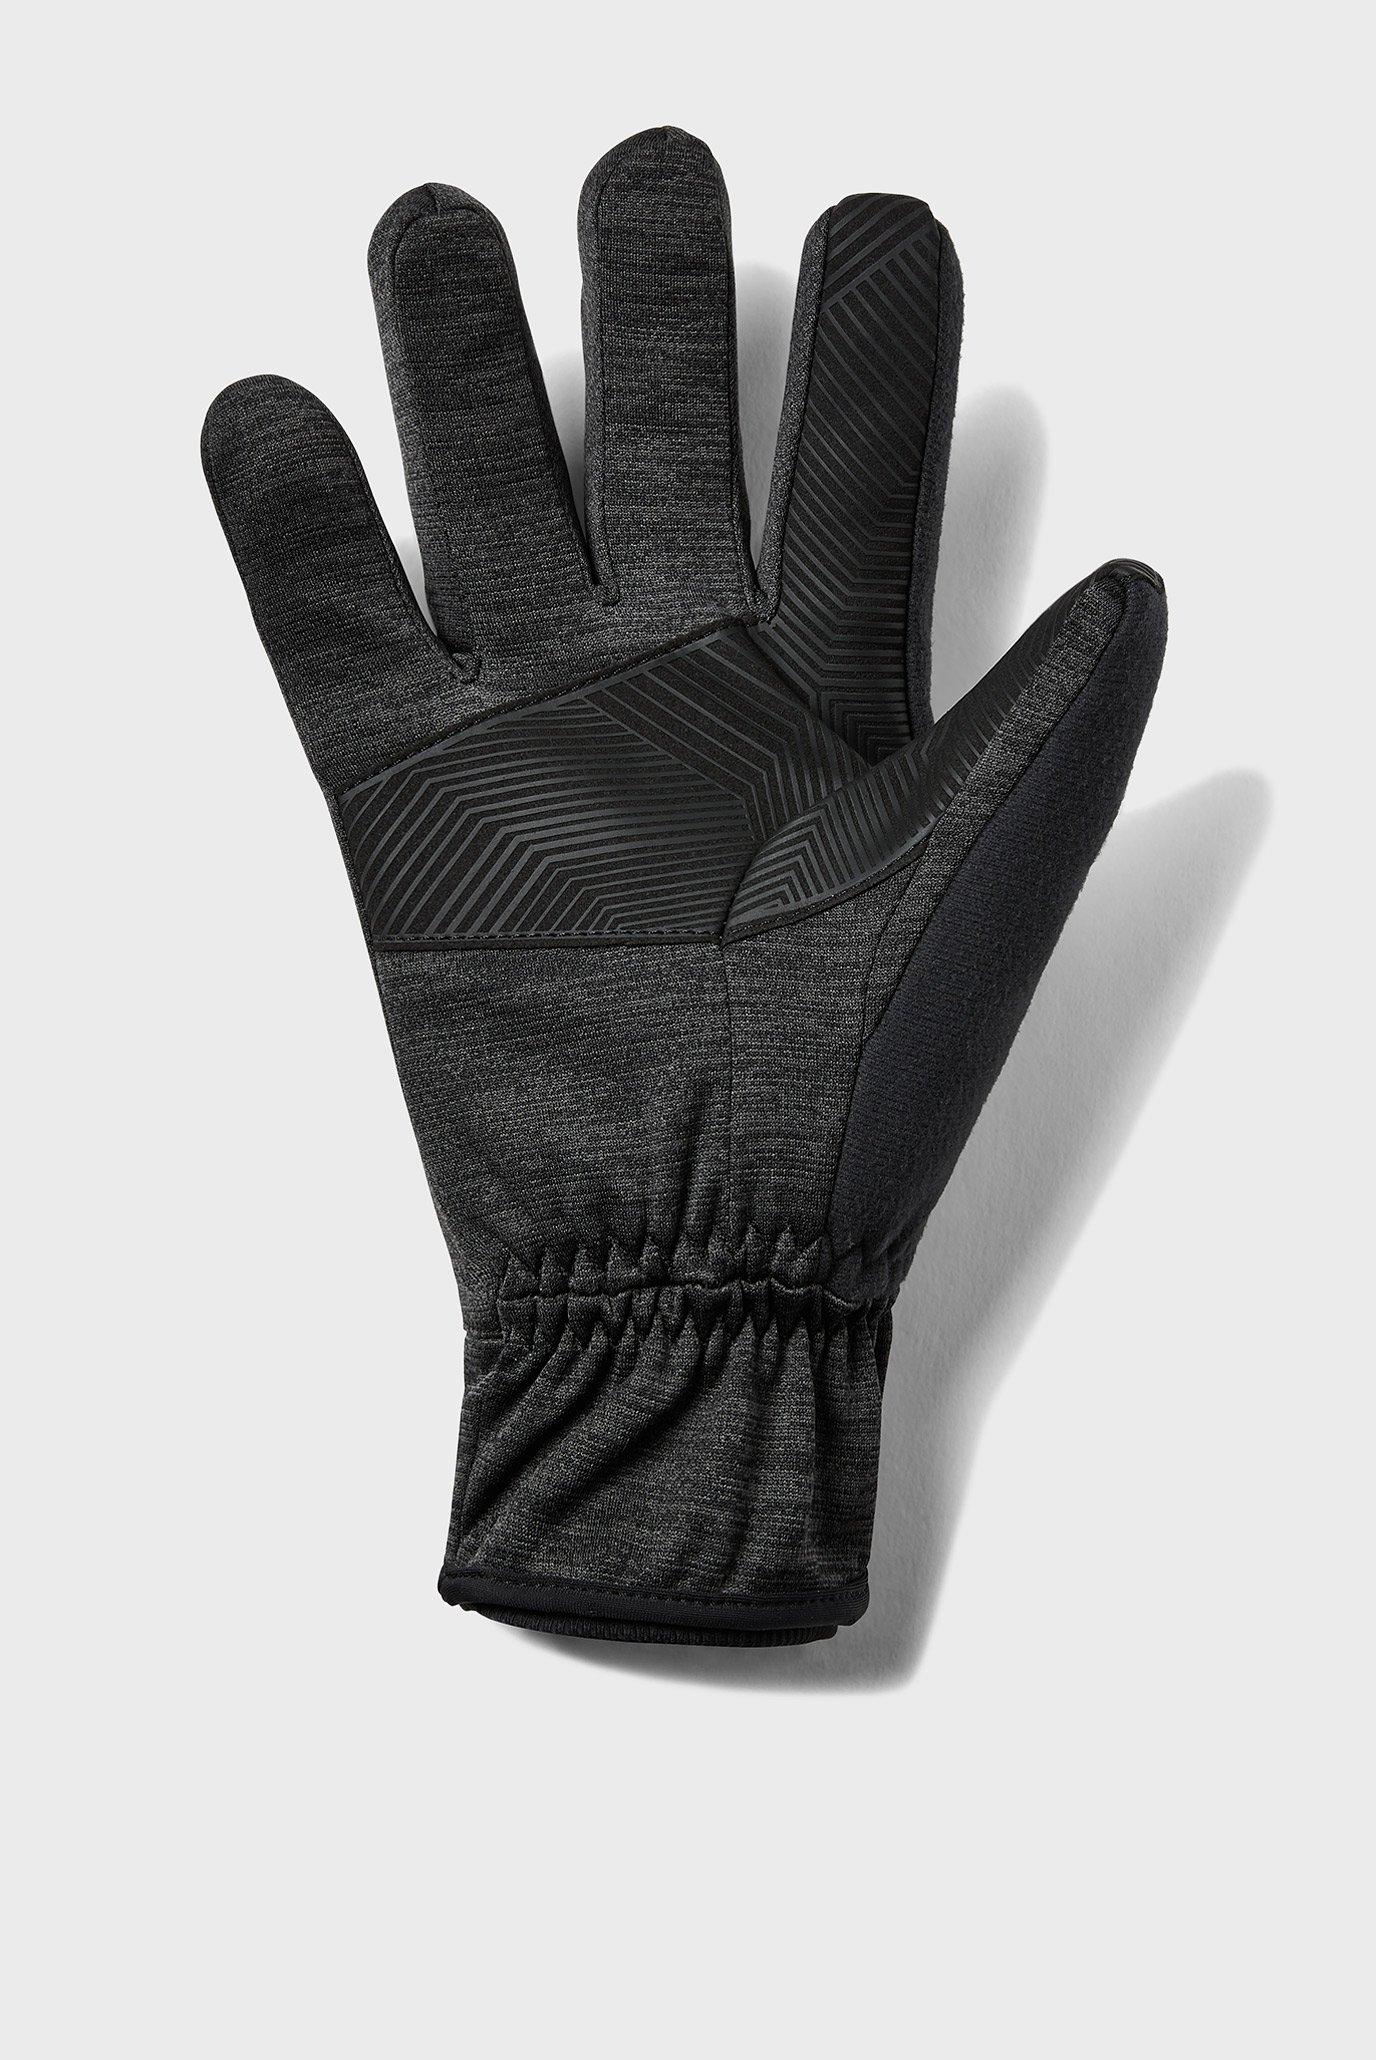 Купить Мужские черные перчатки CGI Storm Glove Under Armour Under Armour 1321239-002 – Киев, Украина. Цены в интернет магазине MD Fashion